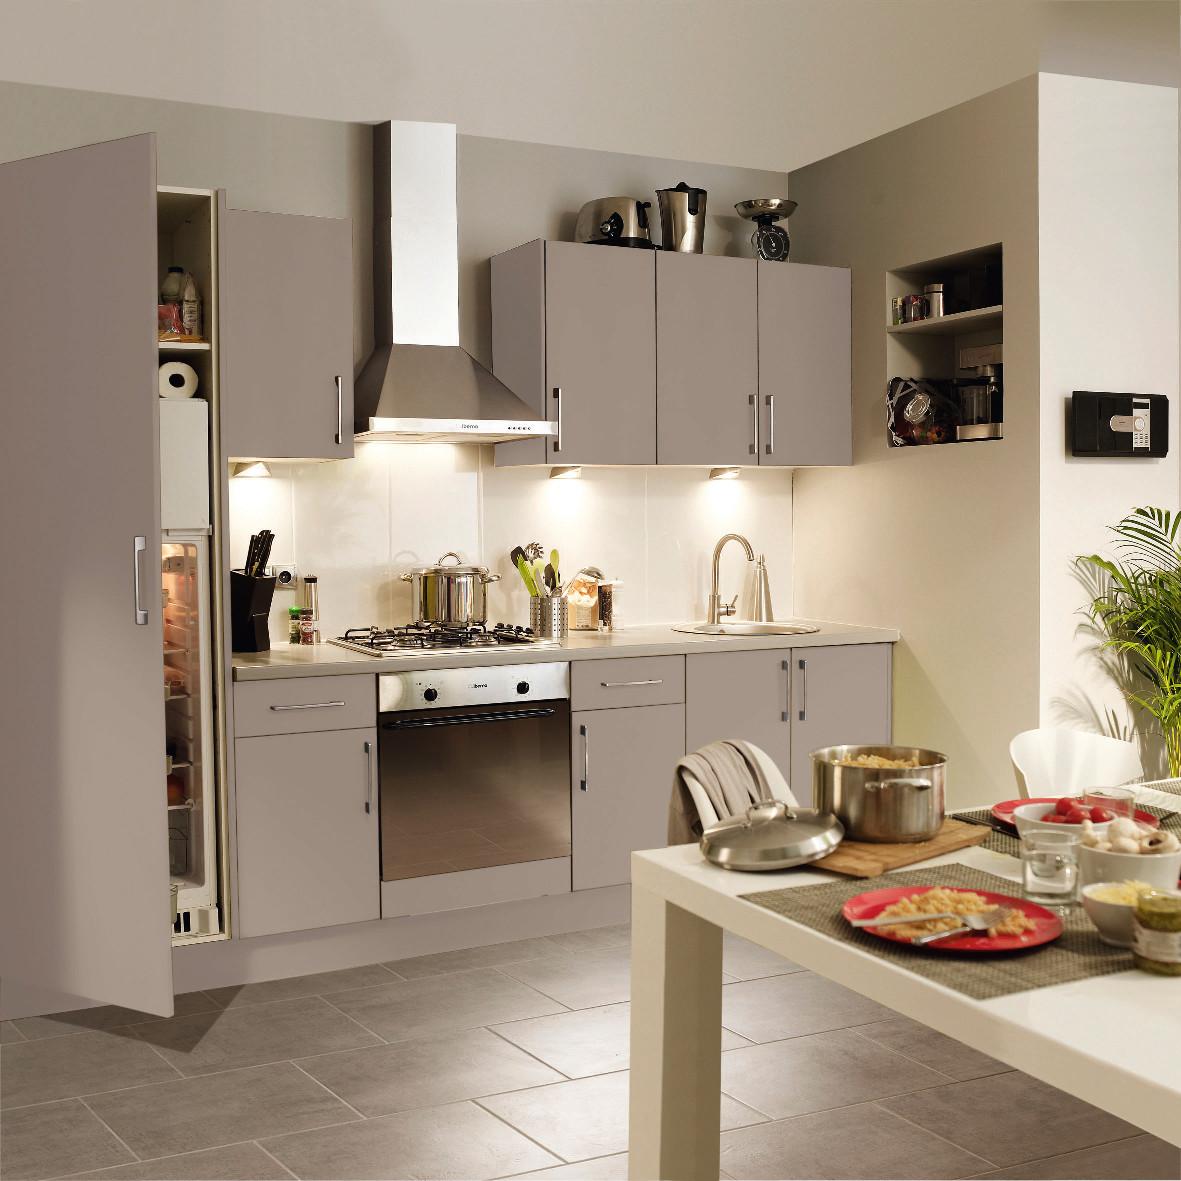 Cucina Componibile Ikea Prezzo : Cucina componibile ikea prezzo ...